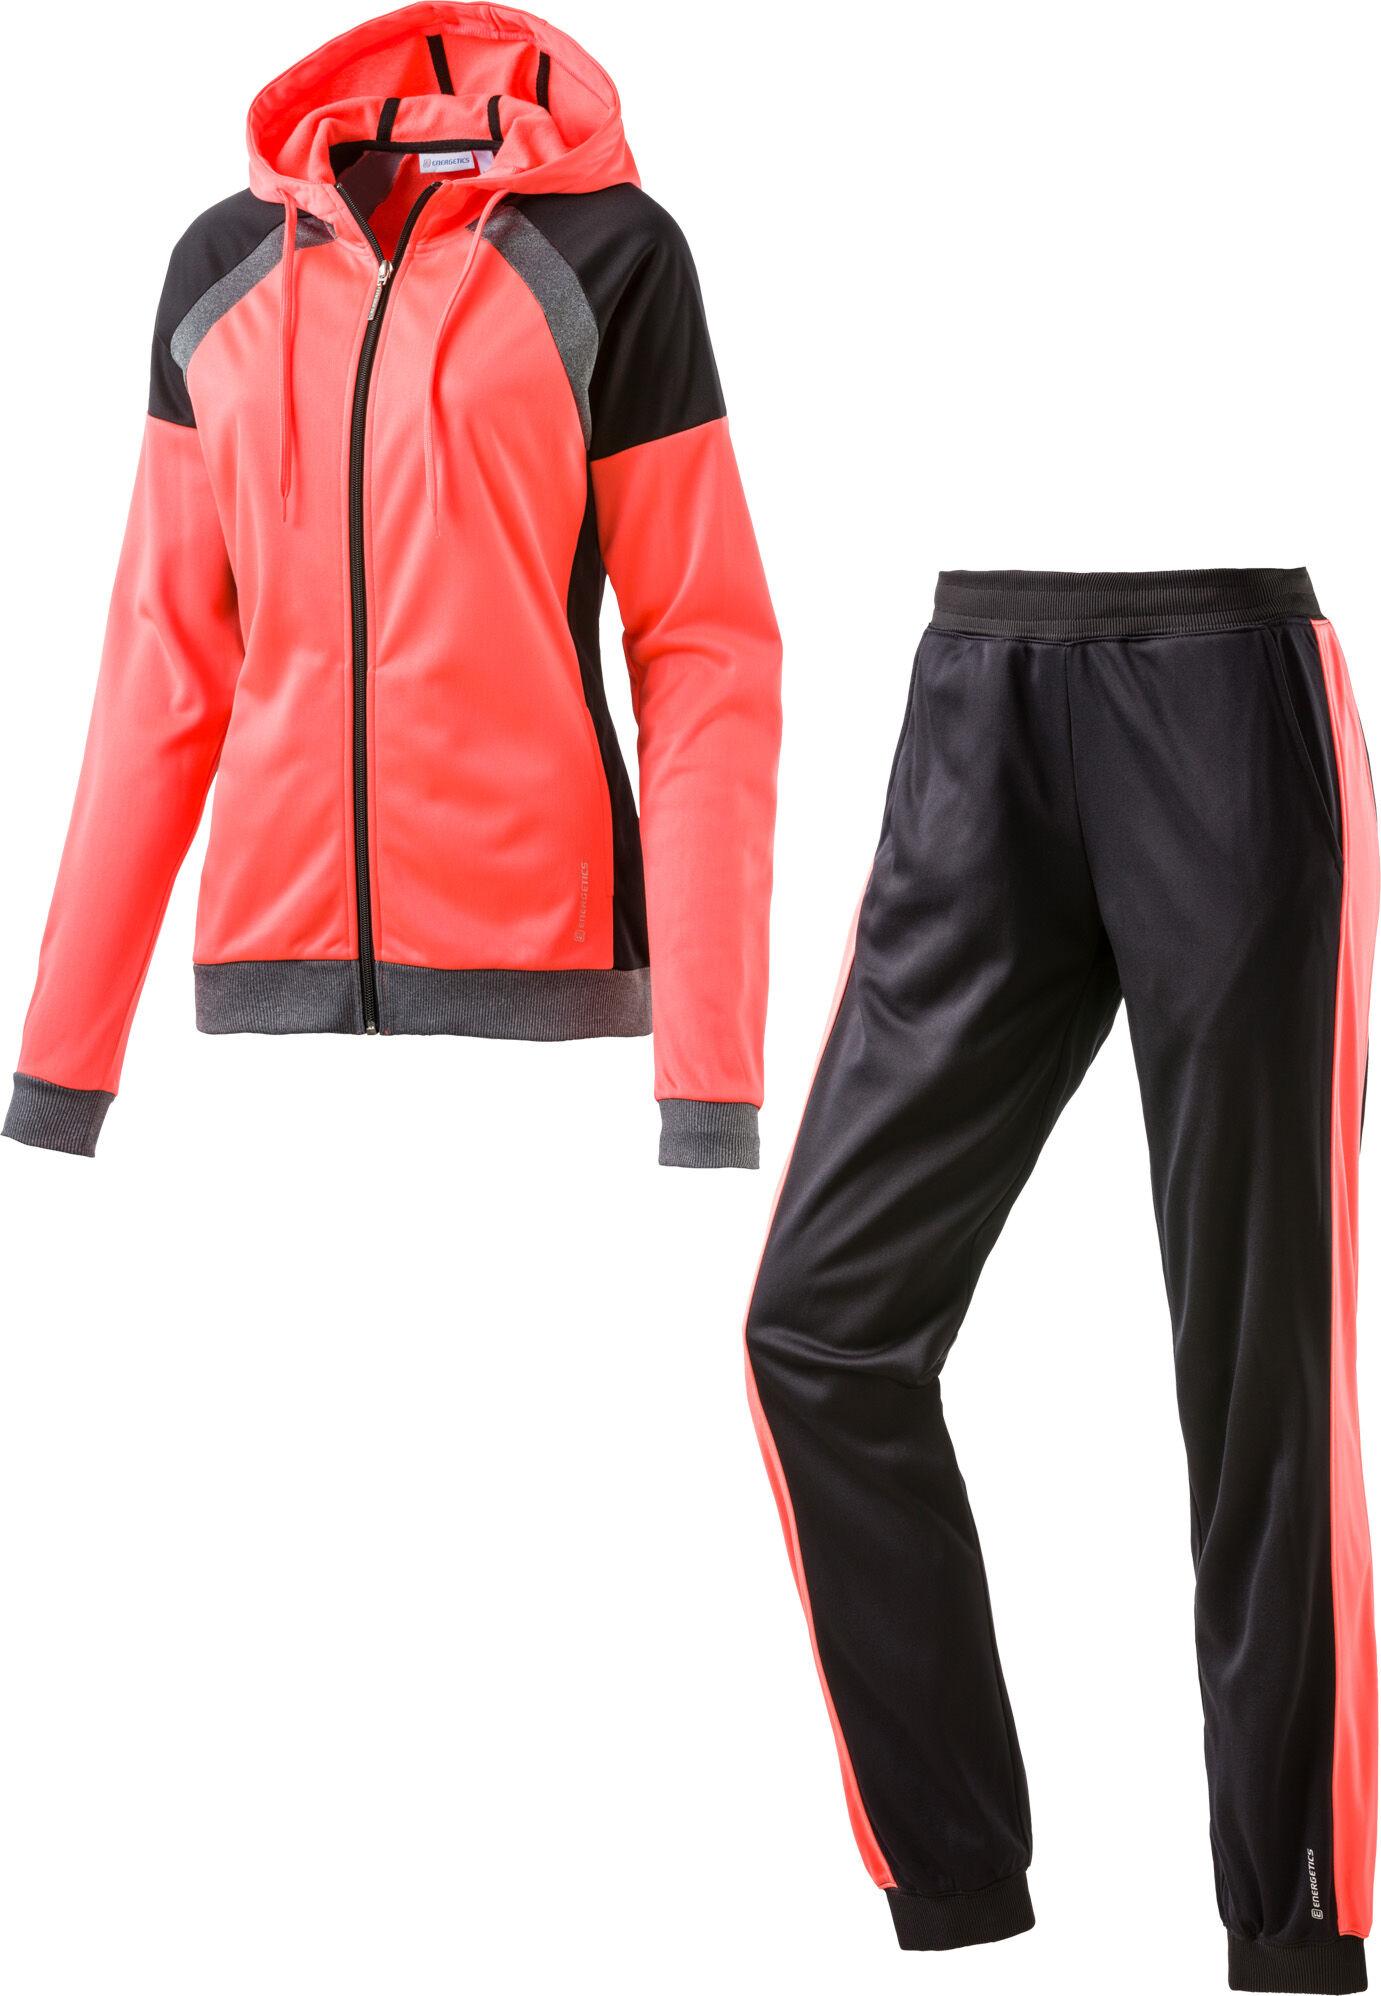 Fitnessbekleidung online bestellen | Jetzt bei INTERSPORT